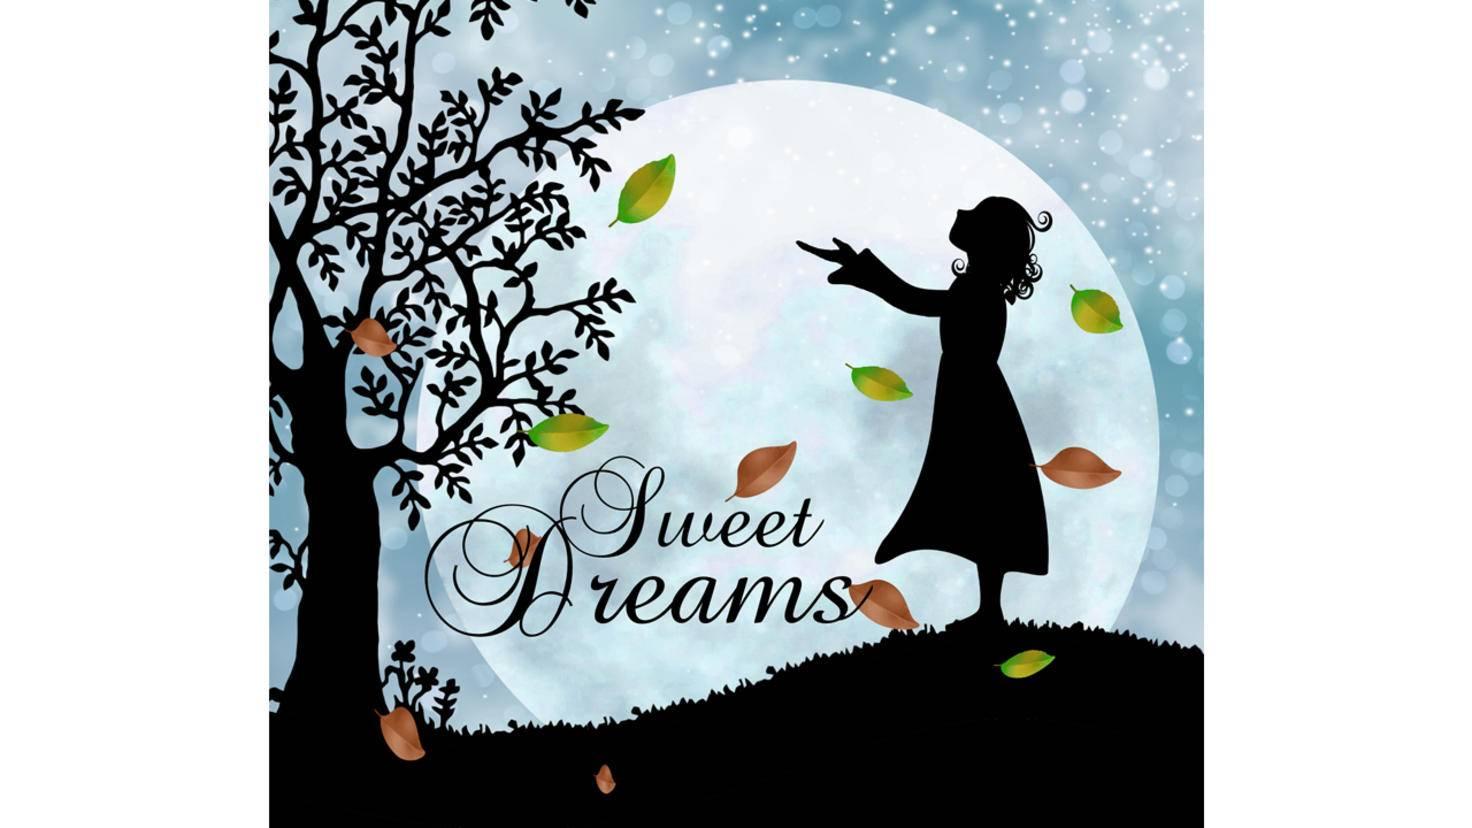 Verträumte Bilder vorm Einschlafen sorgen sicher auch für süße Träume.